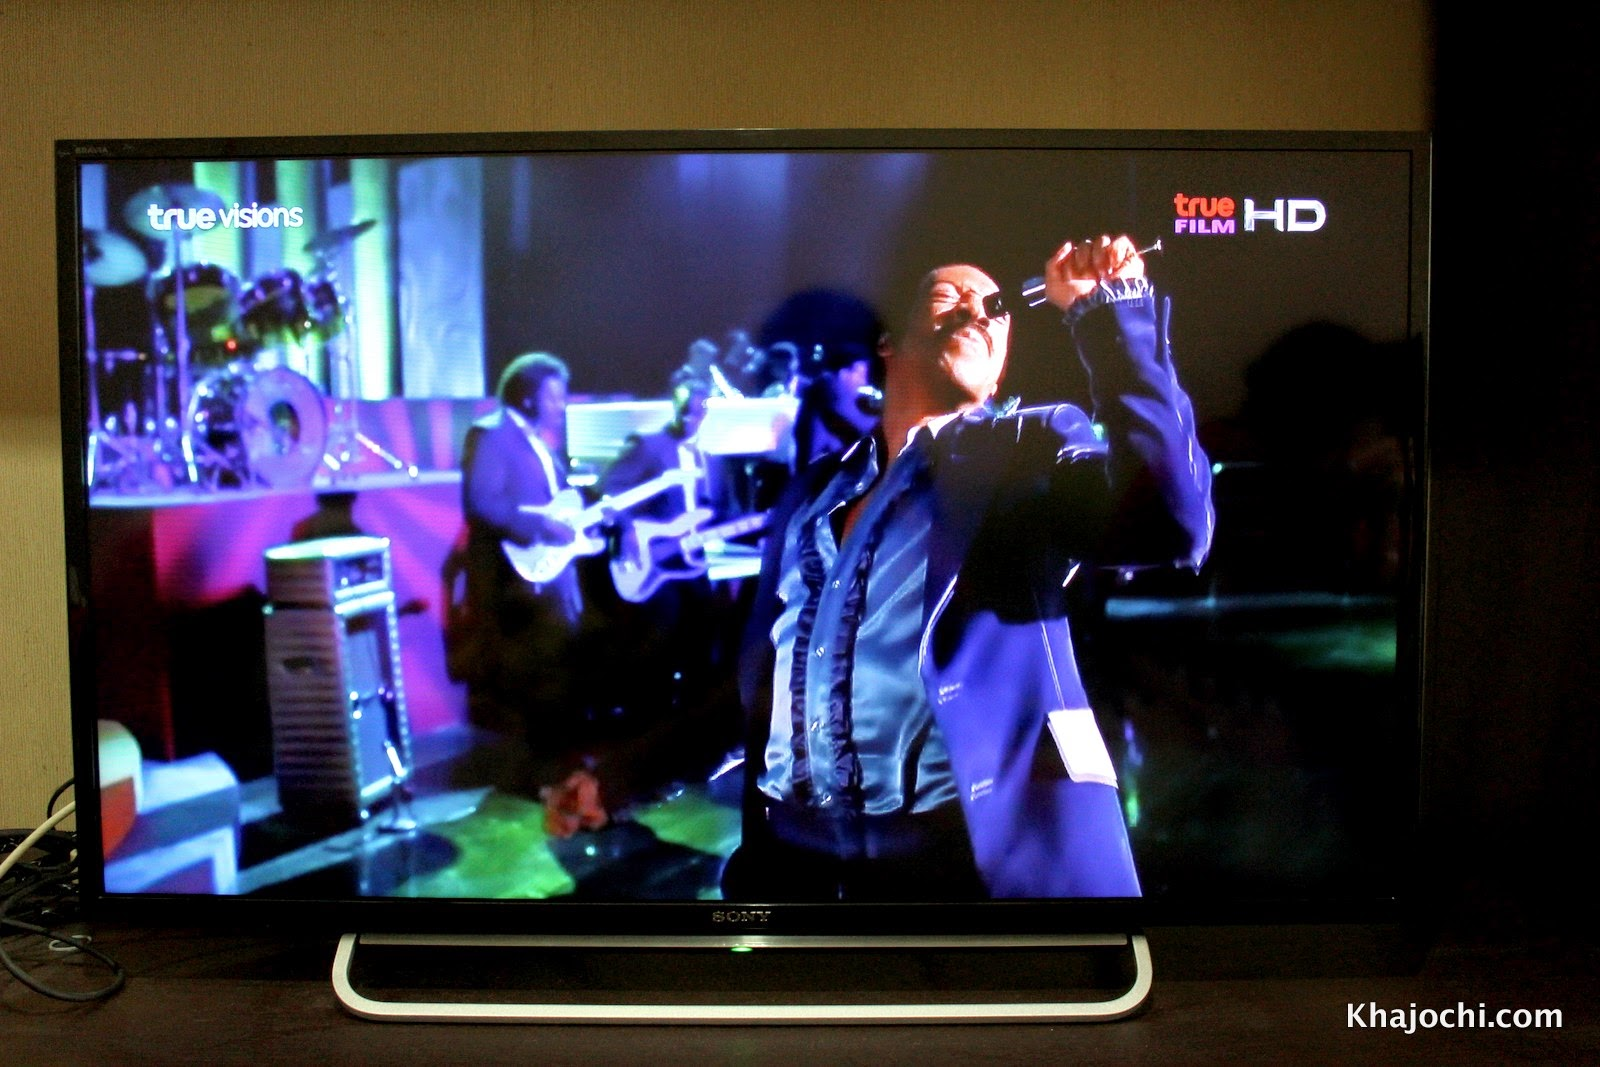 รีวิว: TV Sony Bravia 40W600B อินเตอร์เน็ตทีวี, จอ 40 นิ้ว